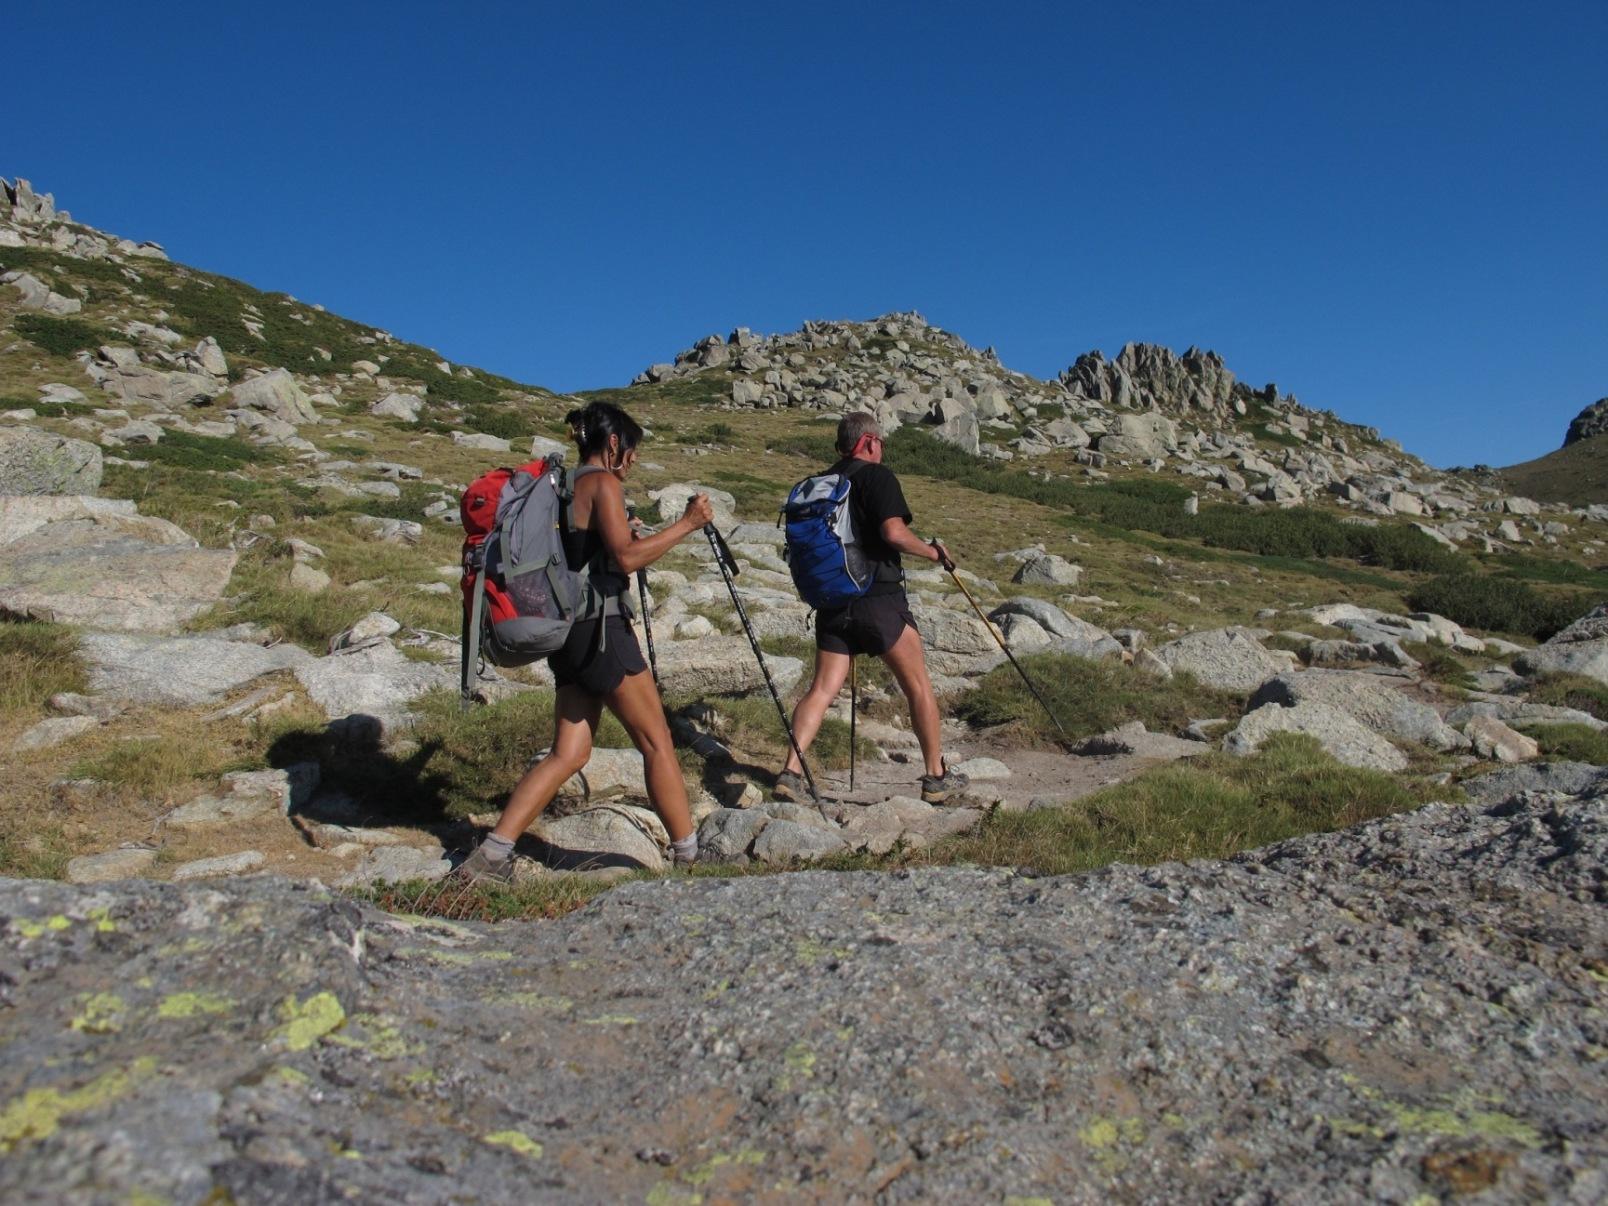 Randonnee Corse - Corse du sud